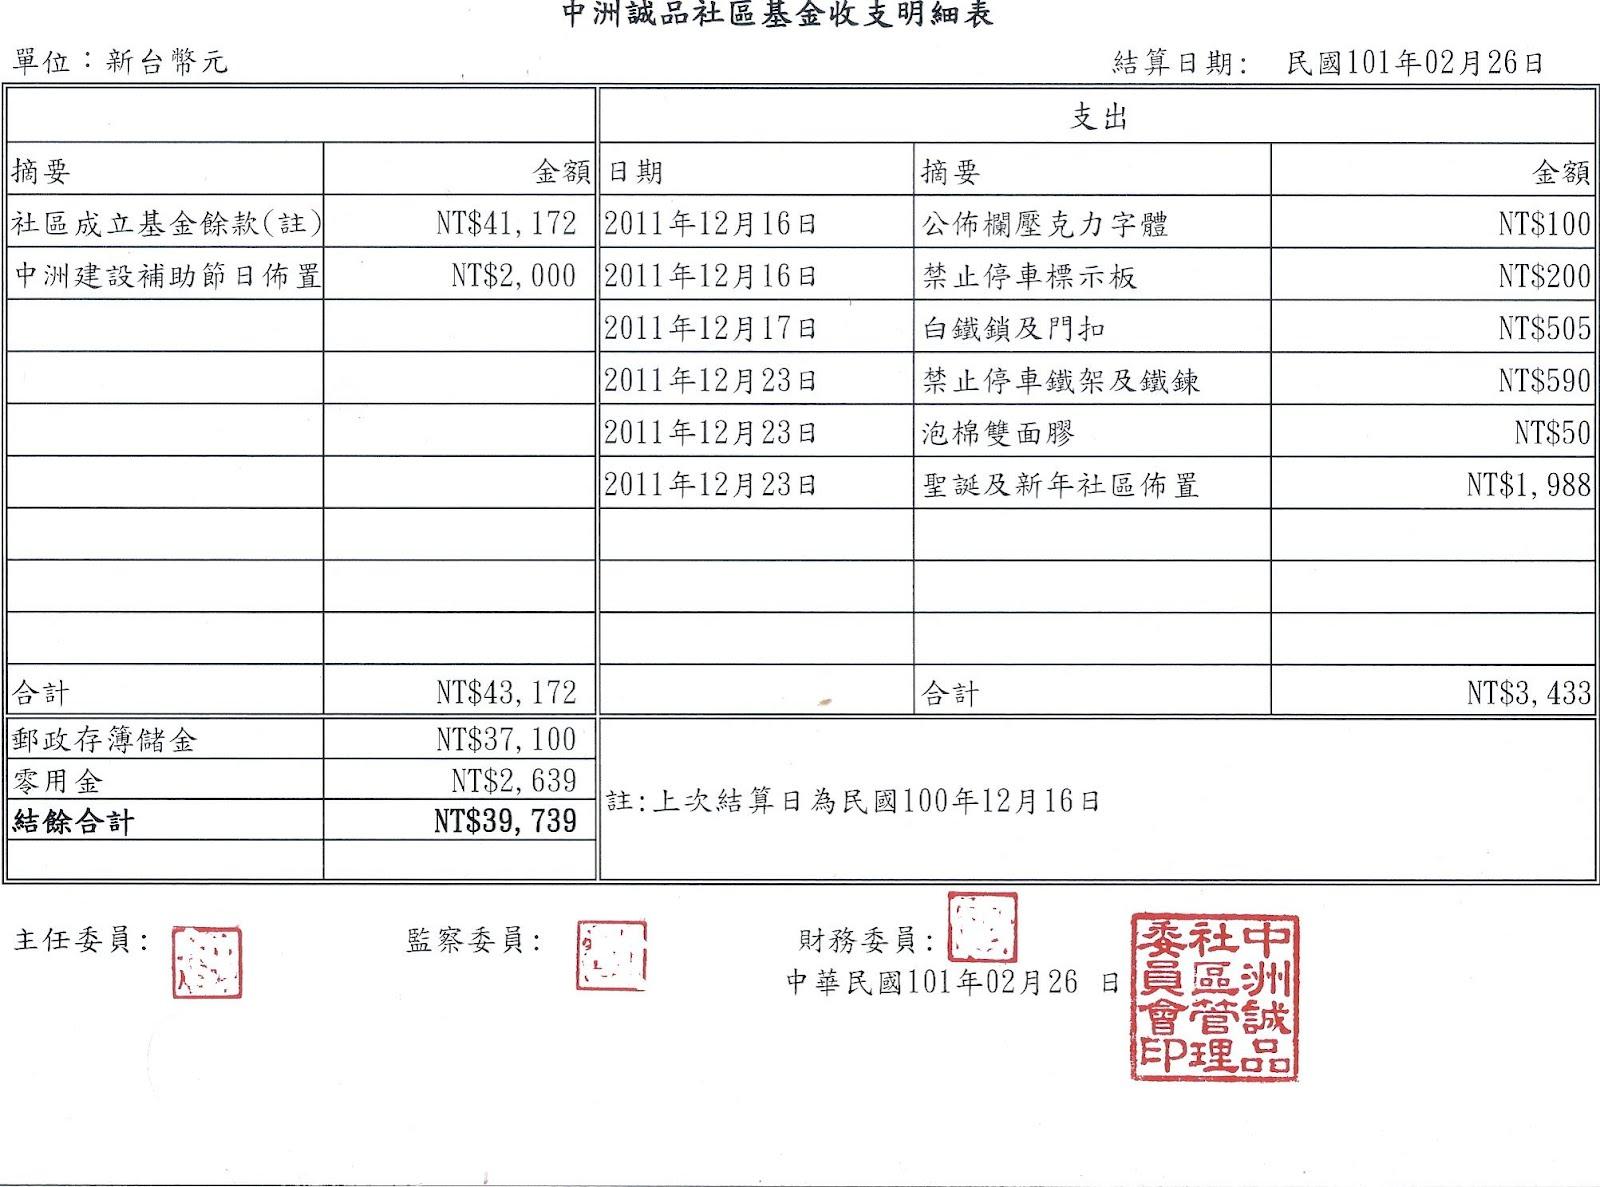 中洲誠品社區: 收支明細公怖請查照 2012-02